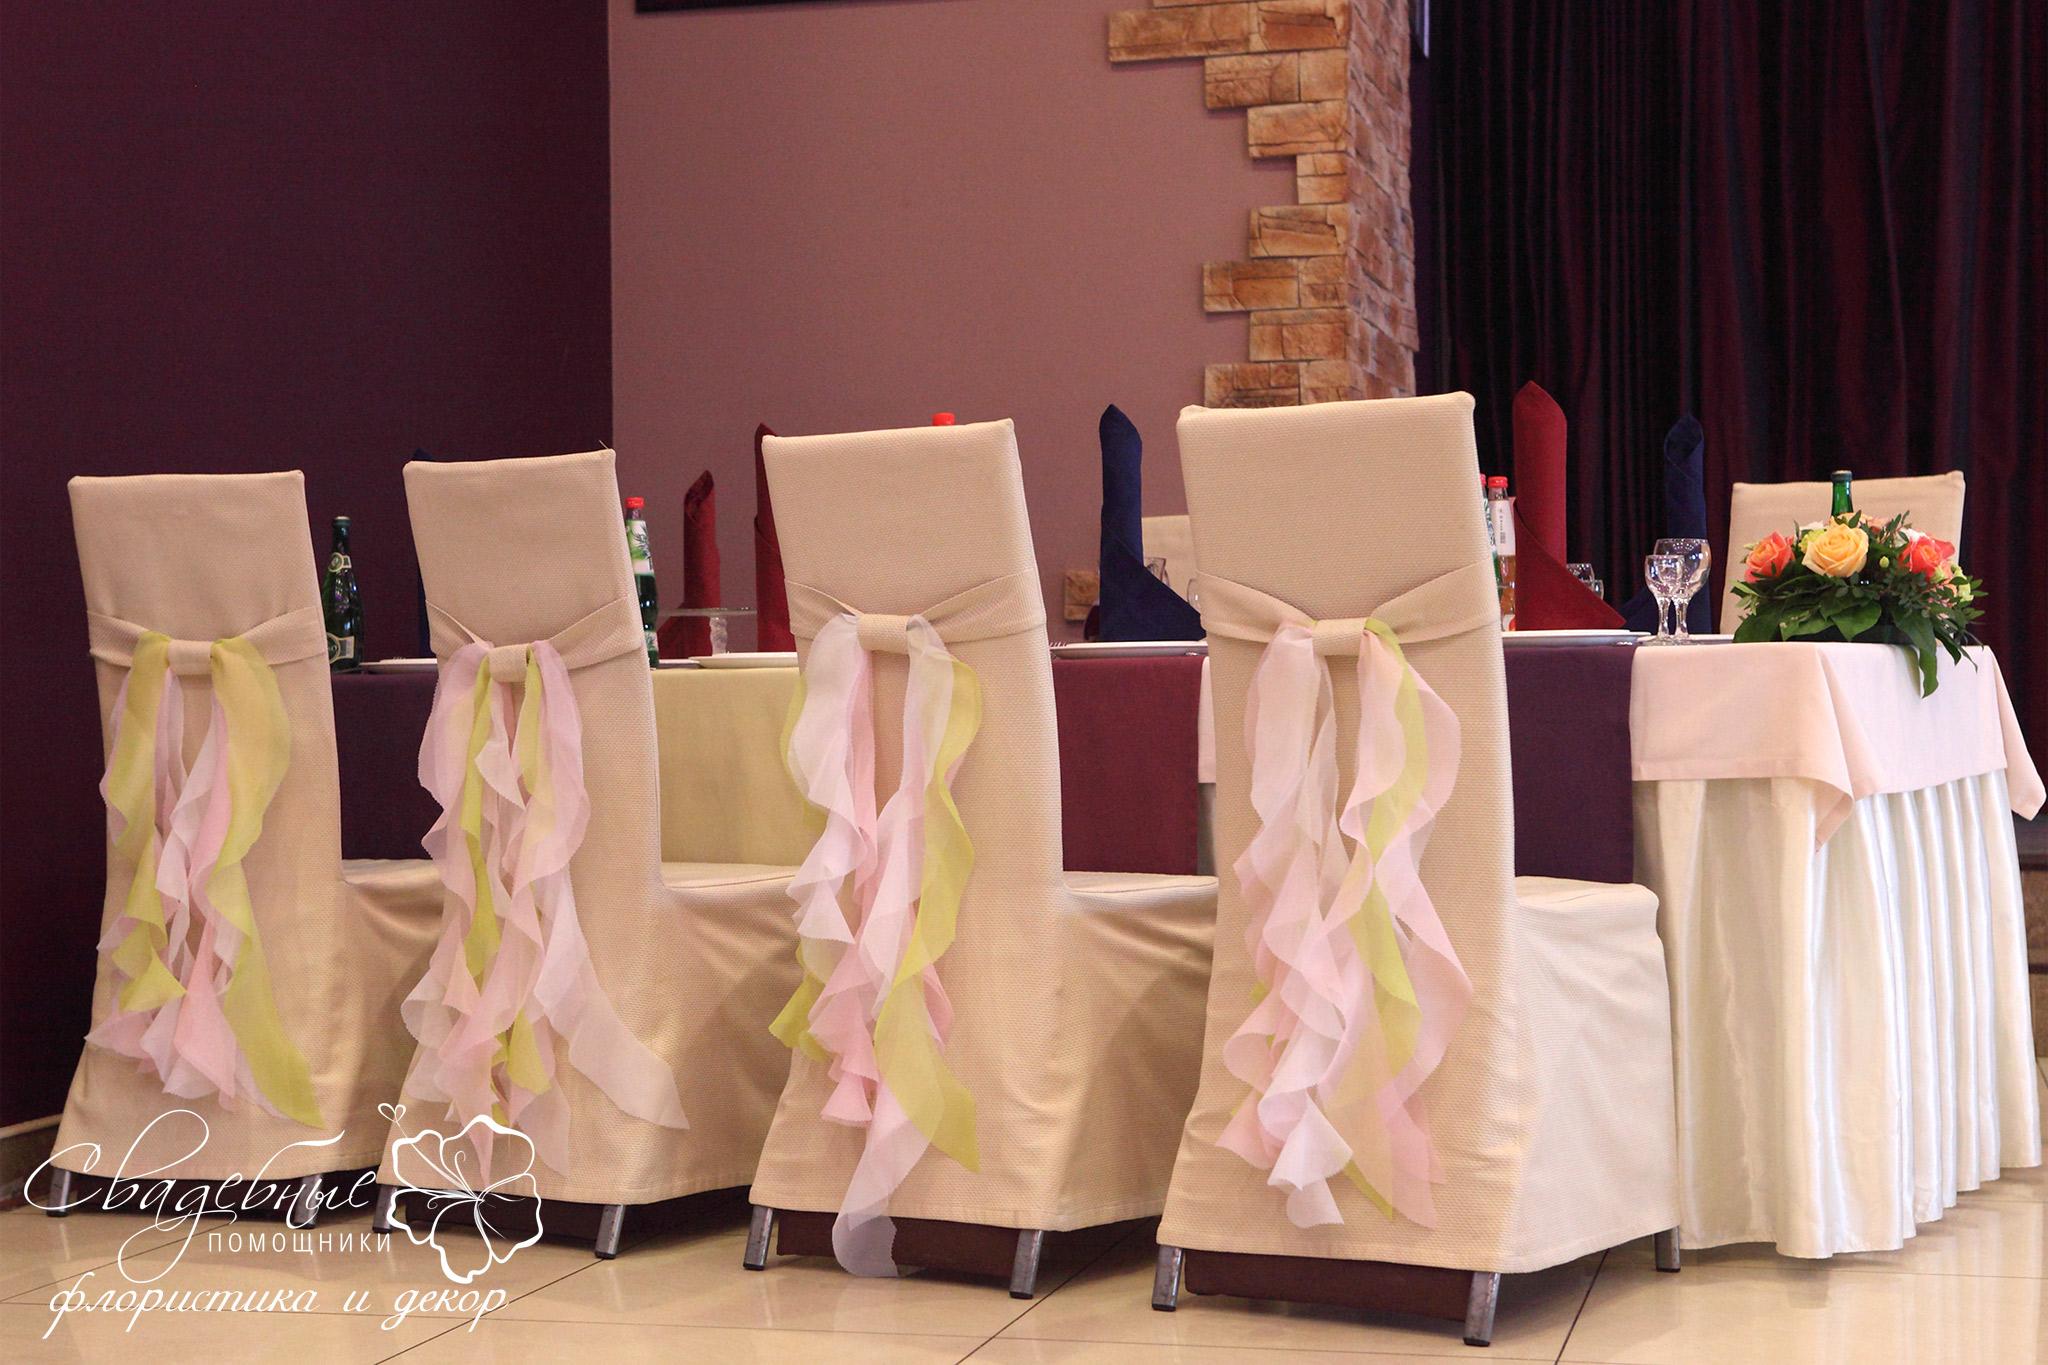 Свадебные украшения для стульев своими руками - ФоксТел-Юг